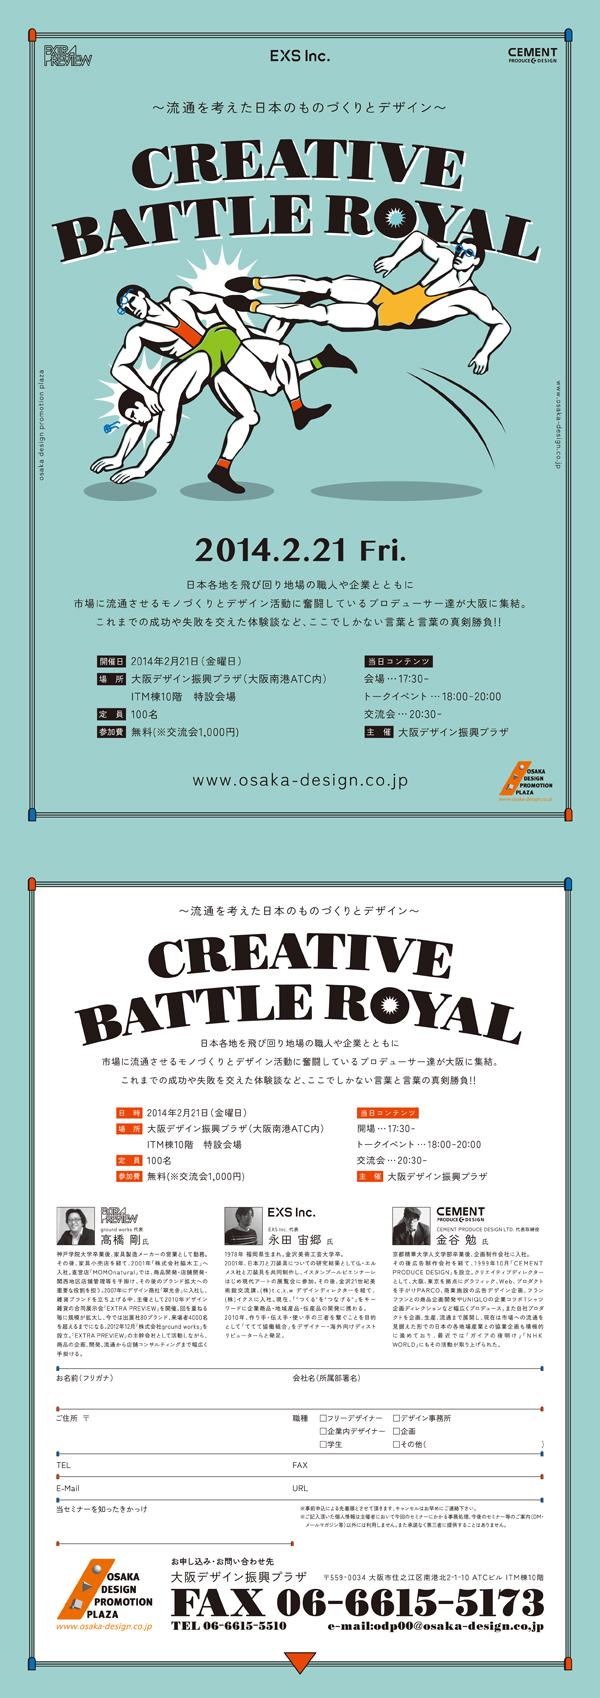 「CREATIVE BATTLE ROYAL」~流通を考えた日本のものづくりとデザイン~「CREATIVE BATTLE ROYAL」~流通を考えた日本のものづくりとデザイン~